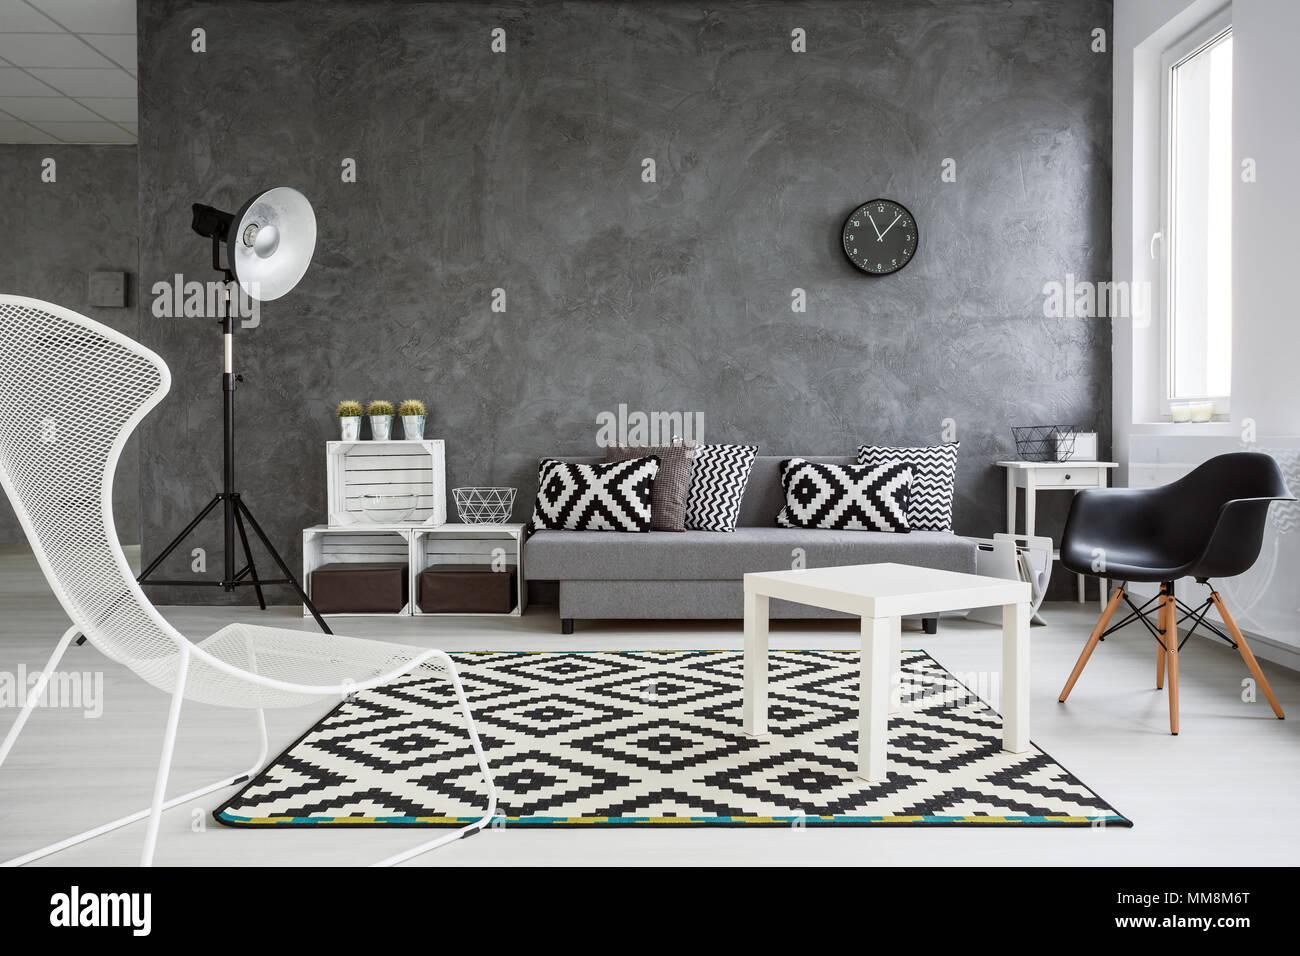 Spazioso soggiorno arredato con stile pareti grigio bianco con pavimento in legno e il bianco for Soggiorno arredato